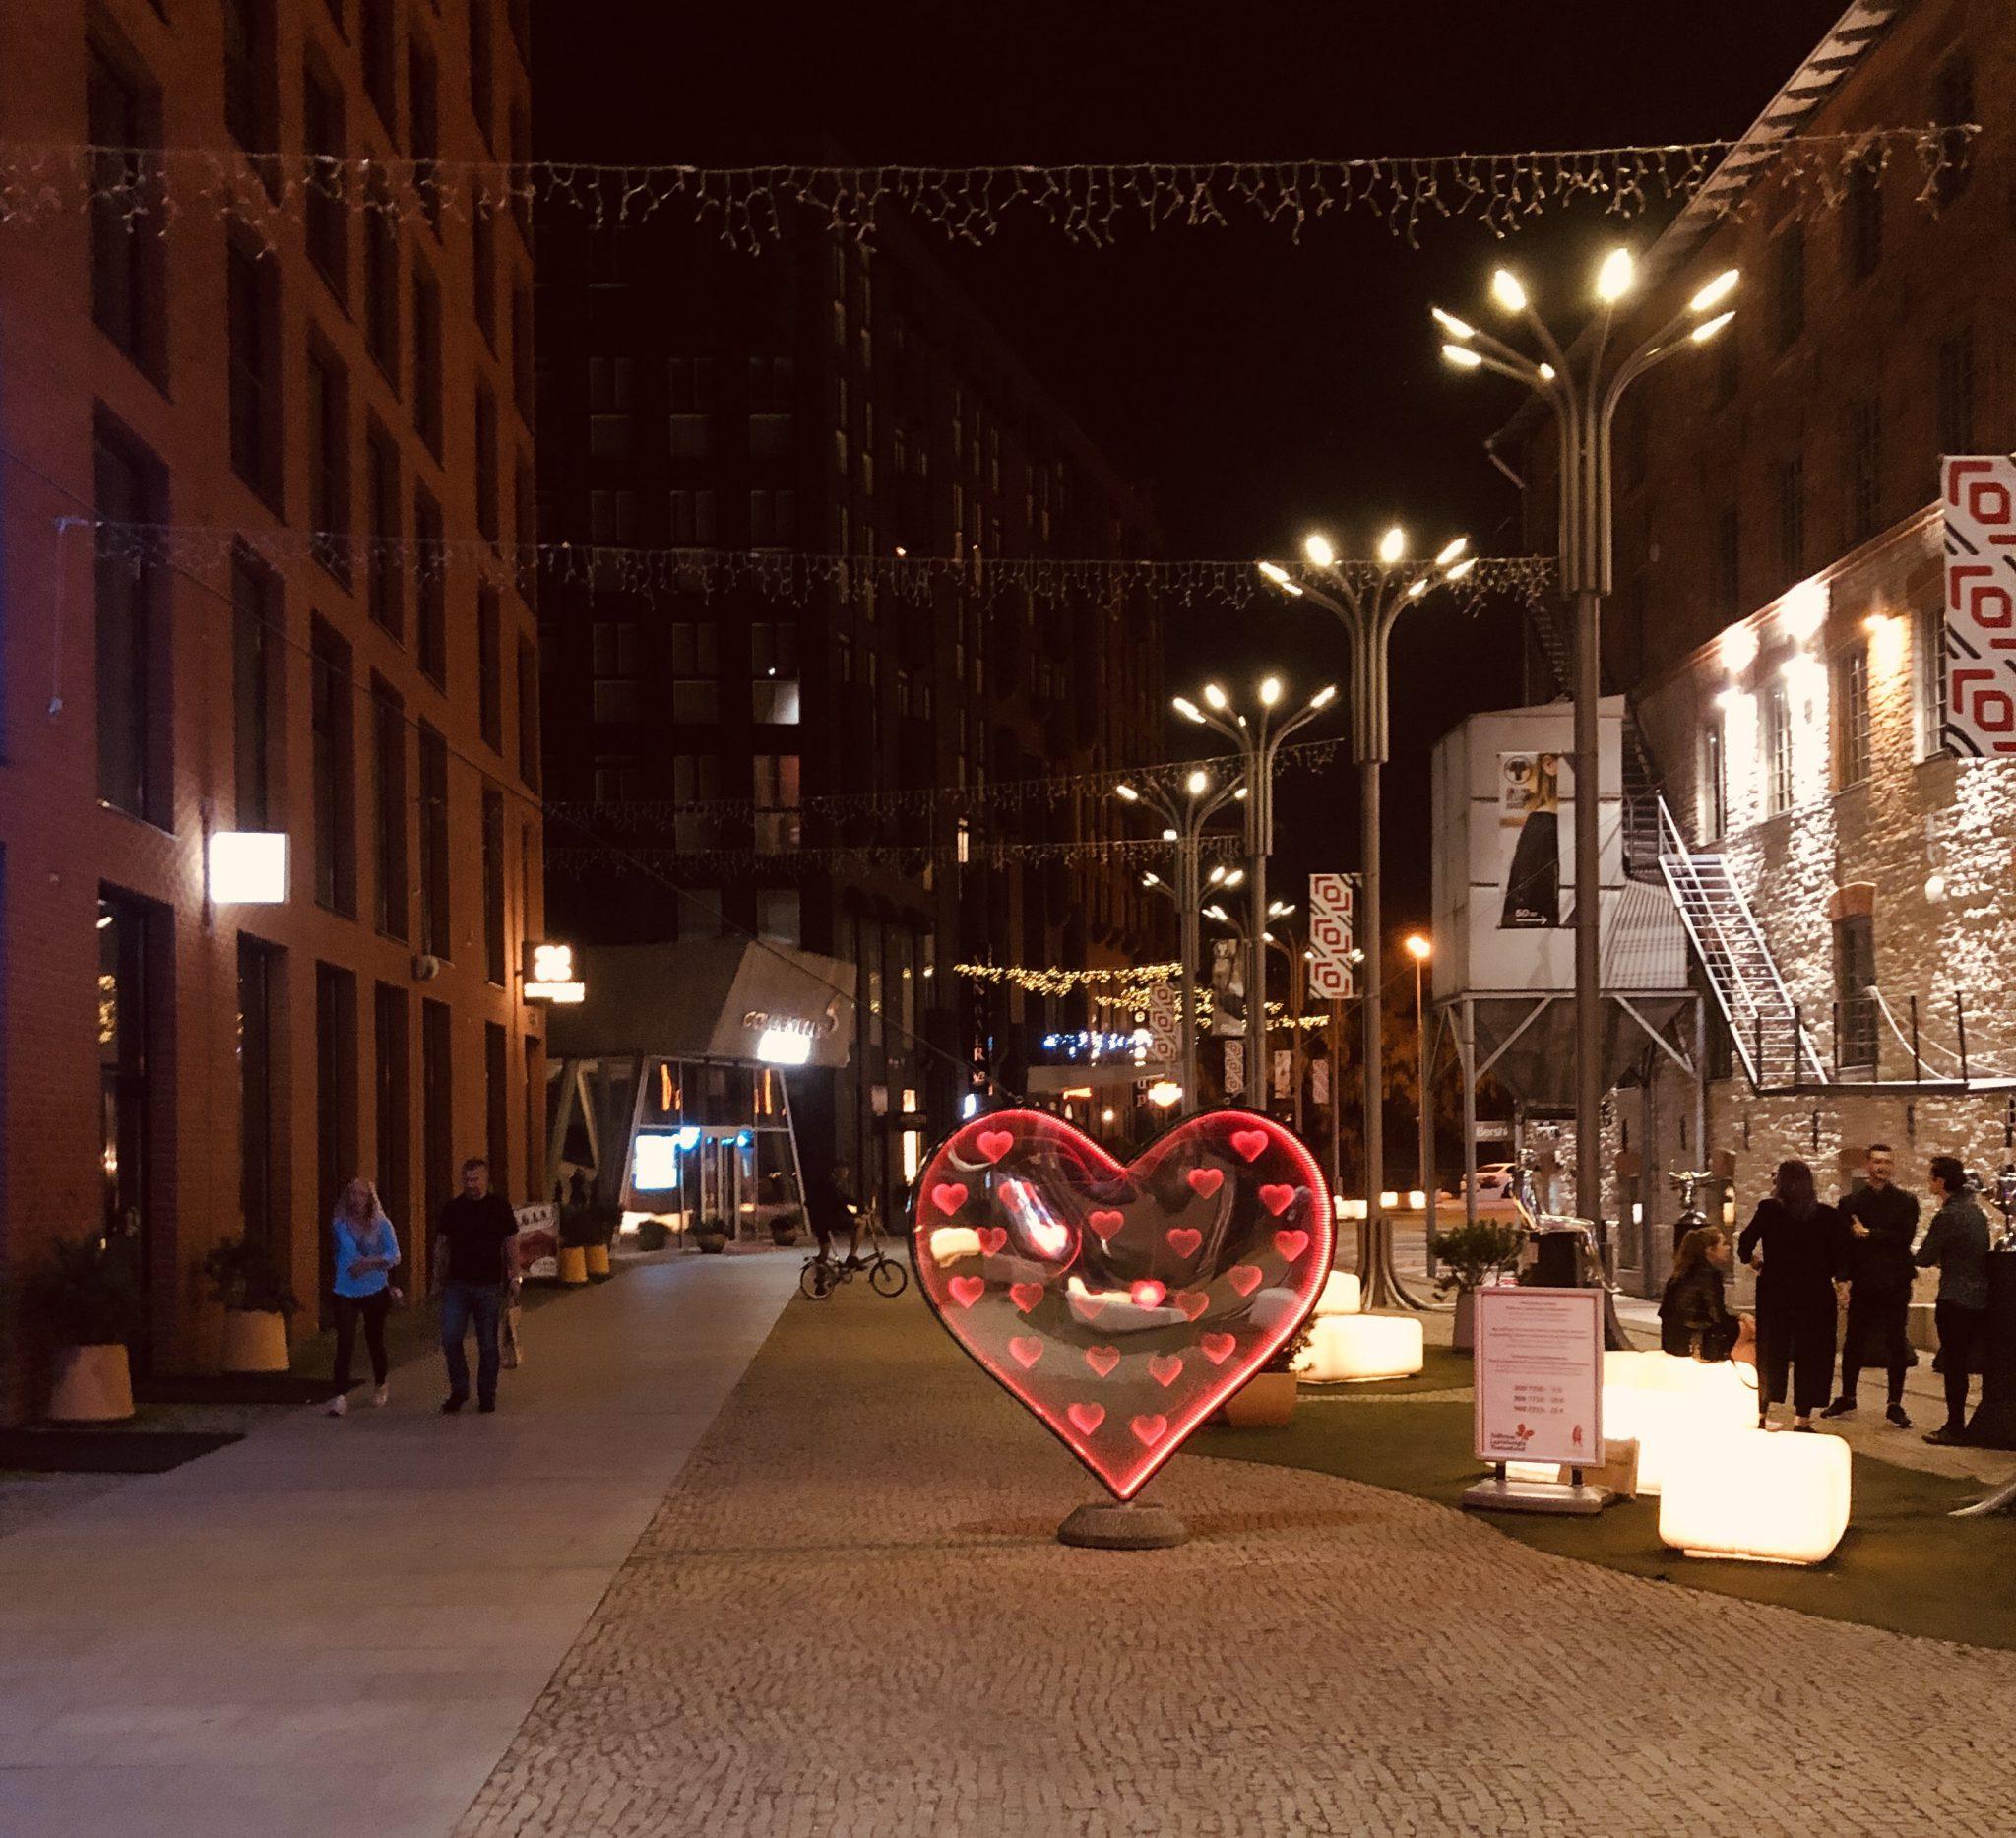 Fußgängerzone im Rotermannviertel neben Fabrikhallen und moderner Architektur